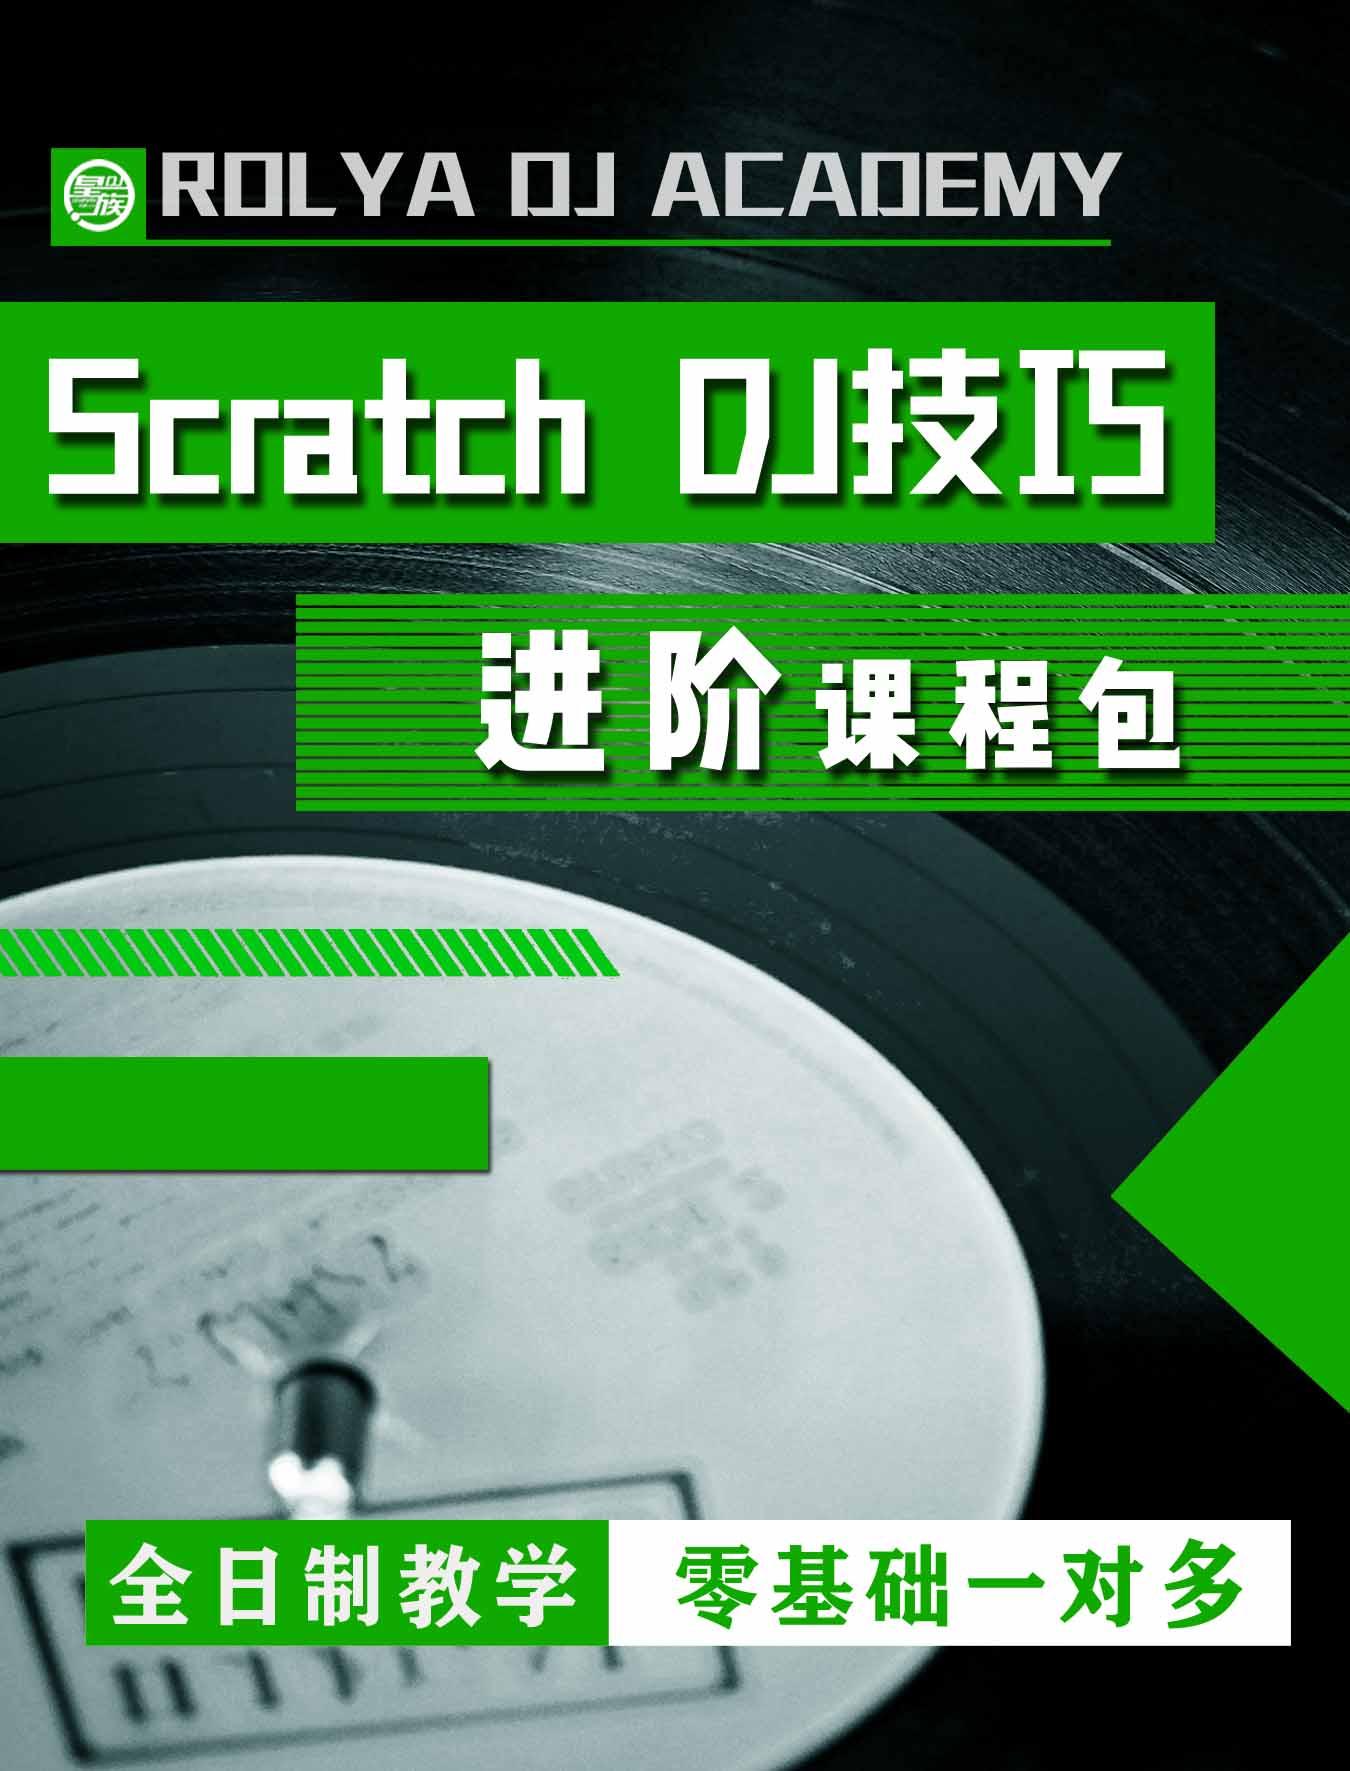 Scratch DJ技巧中级进阶课程包